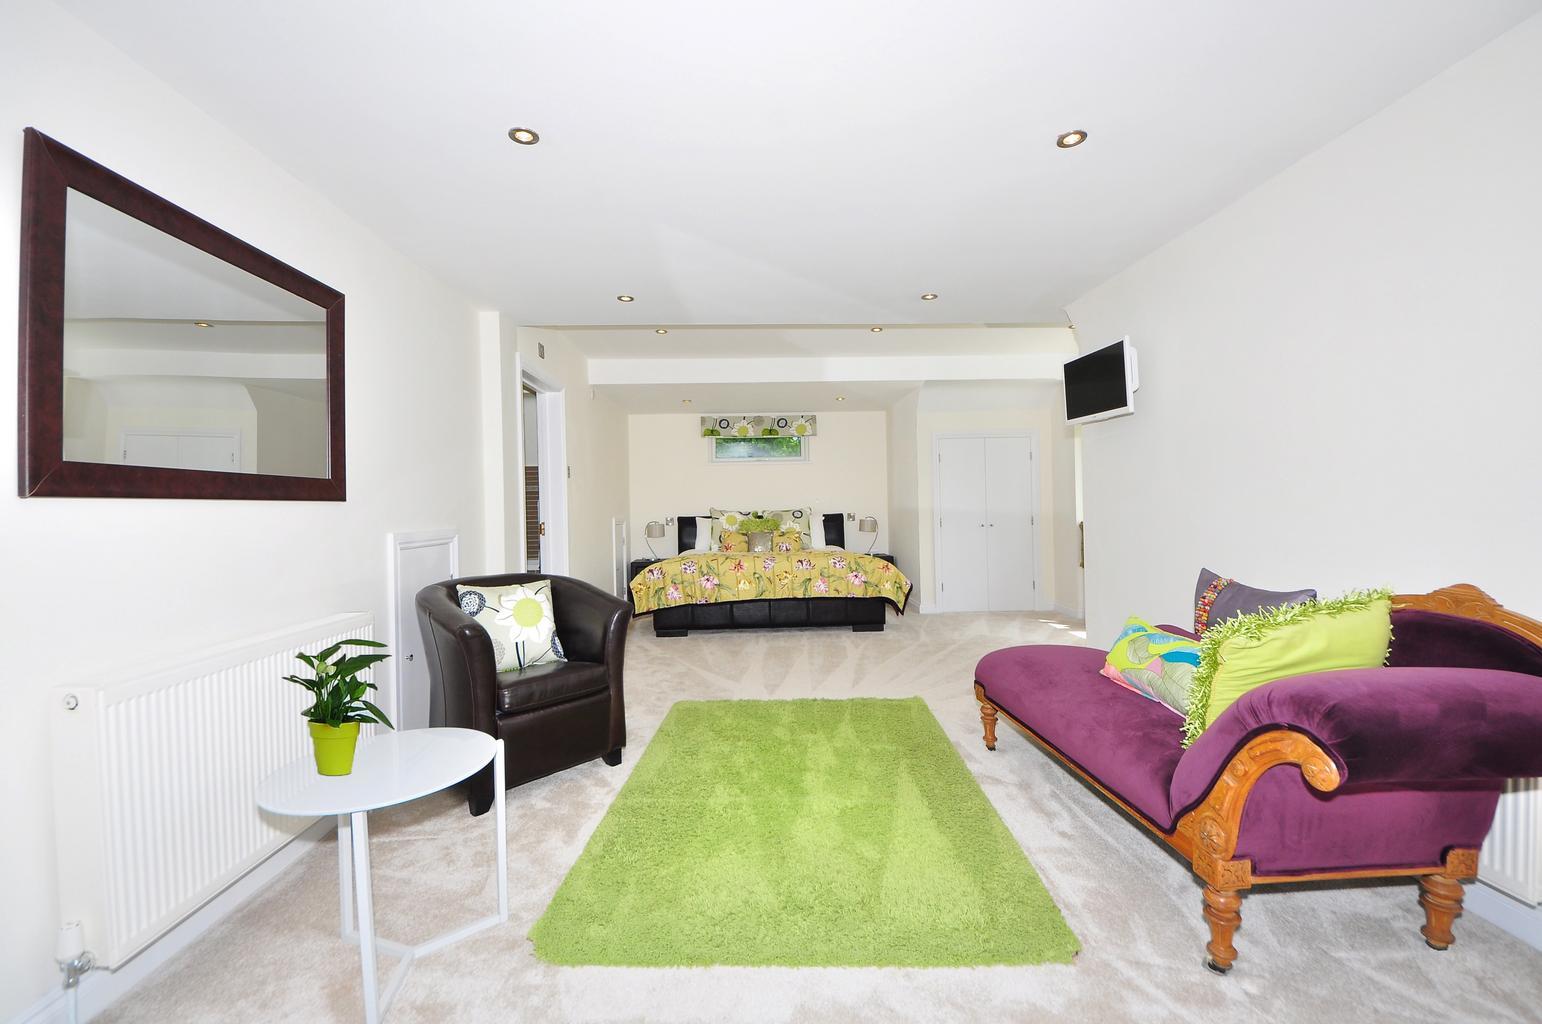 bývanie, miestnosť, interiér